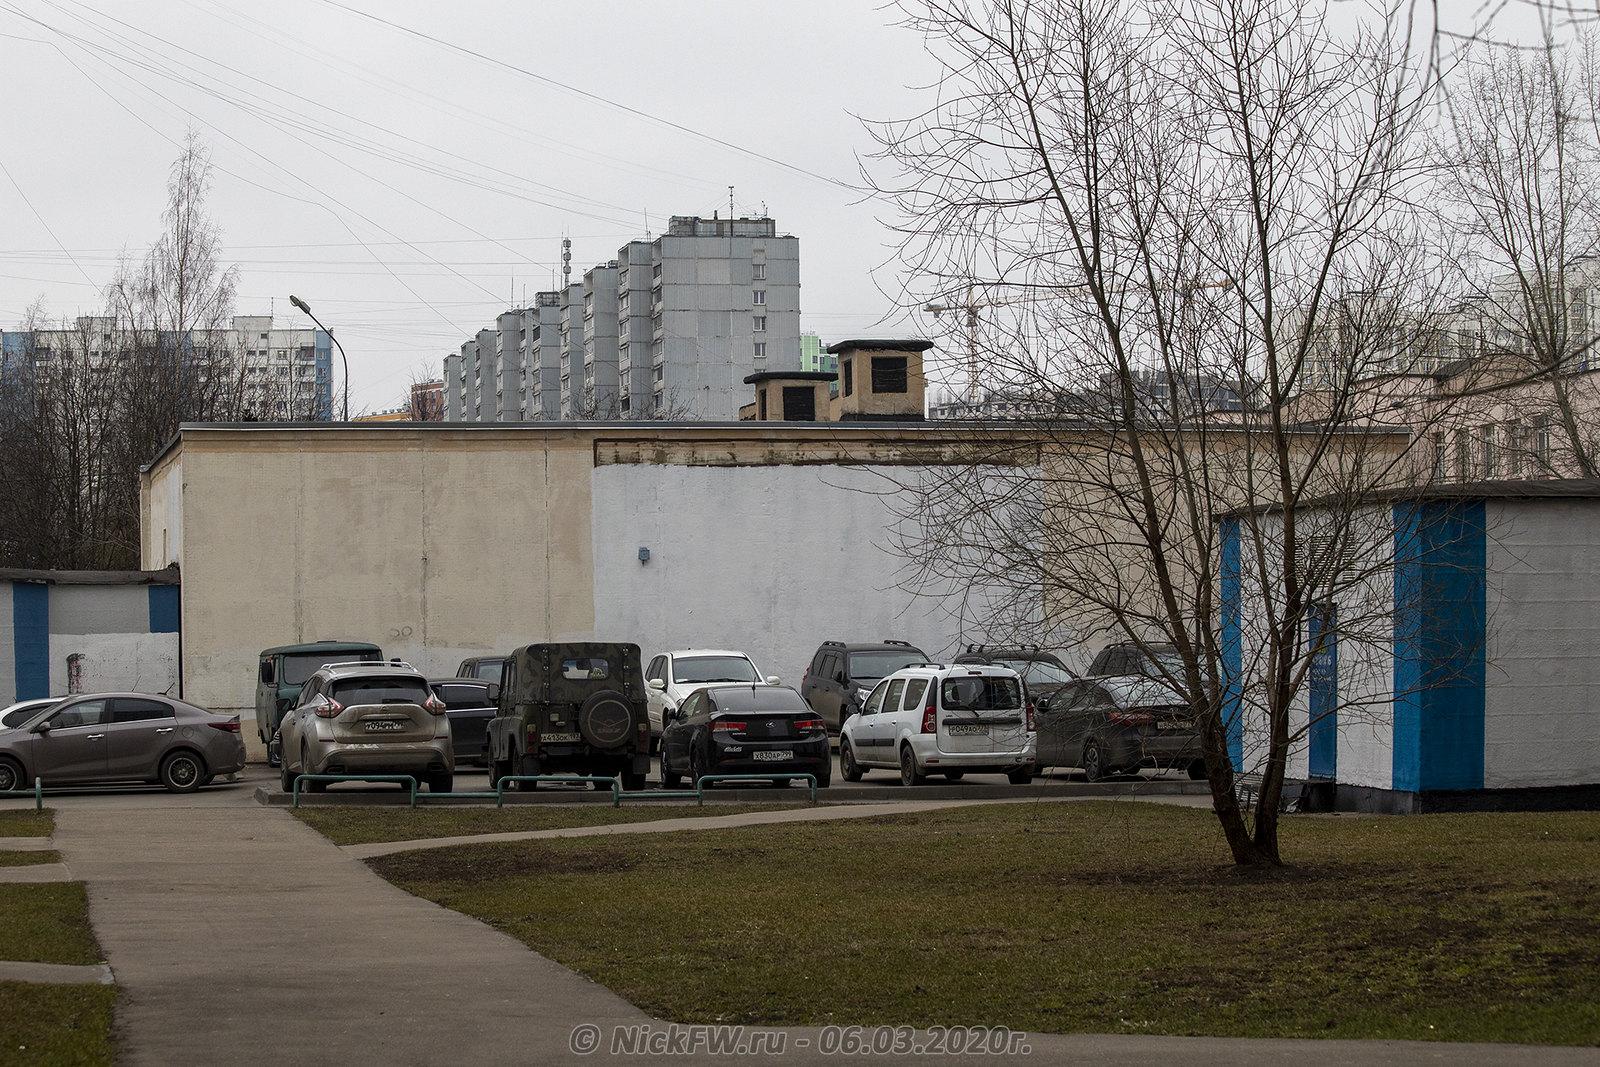 2. ЦТП близ выставочного зала © NickFW.ru - 06.03.2020г.